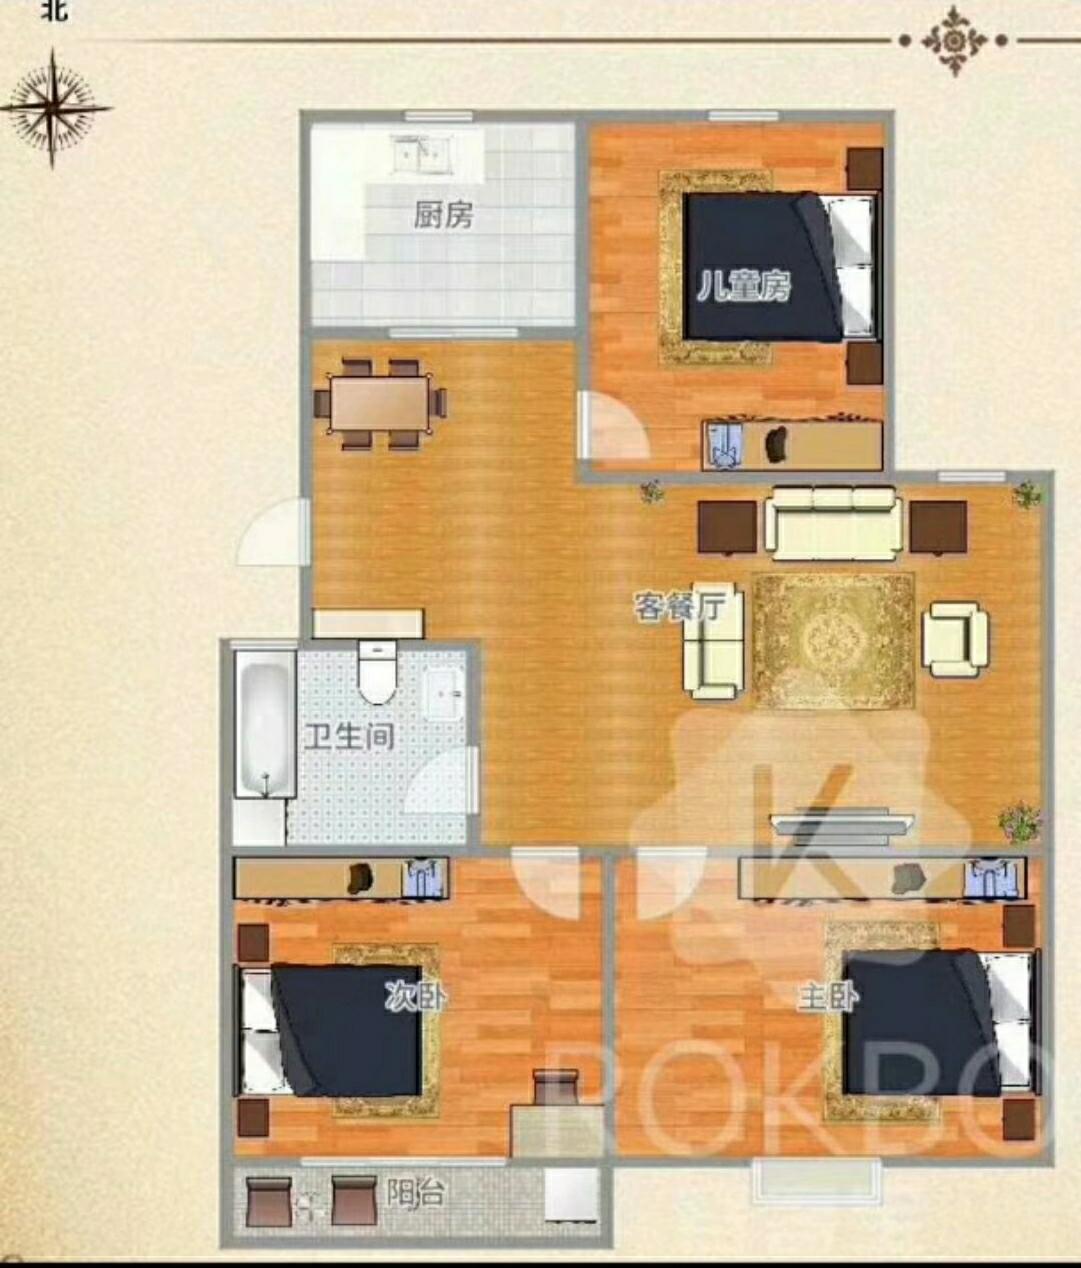 玉衡星居3室 2厅 1卫37万元